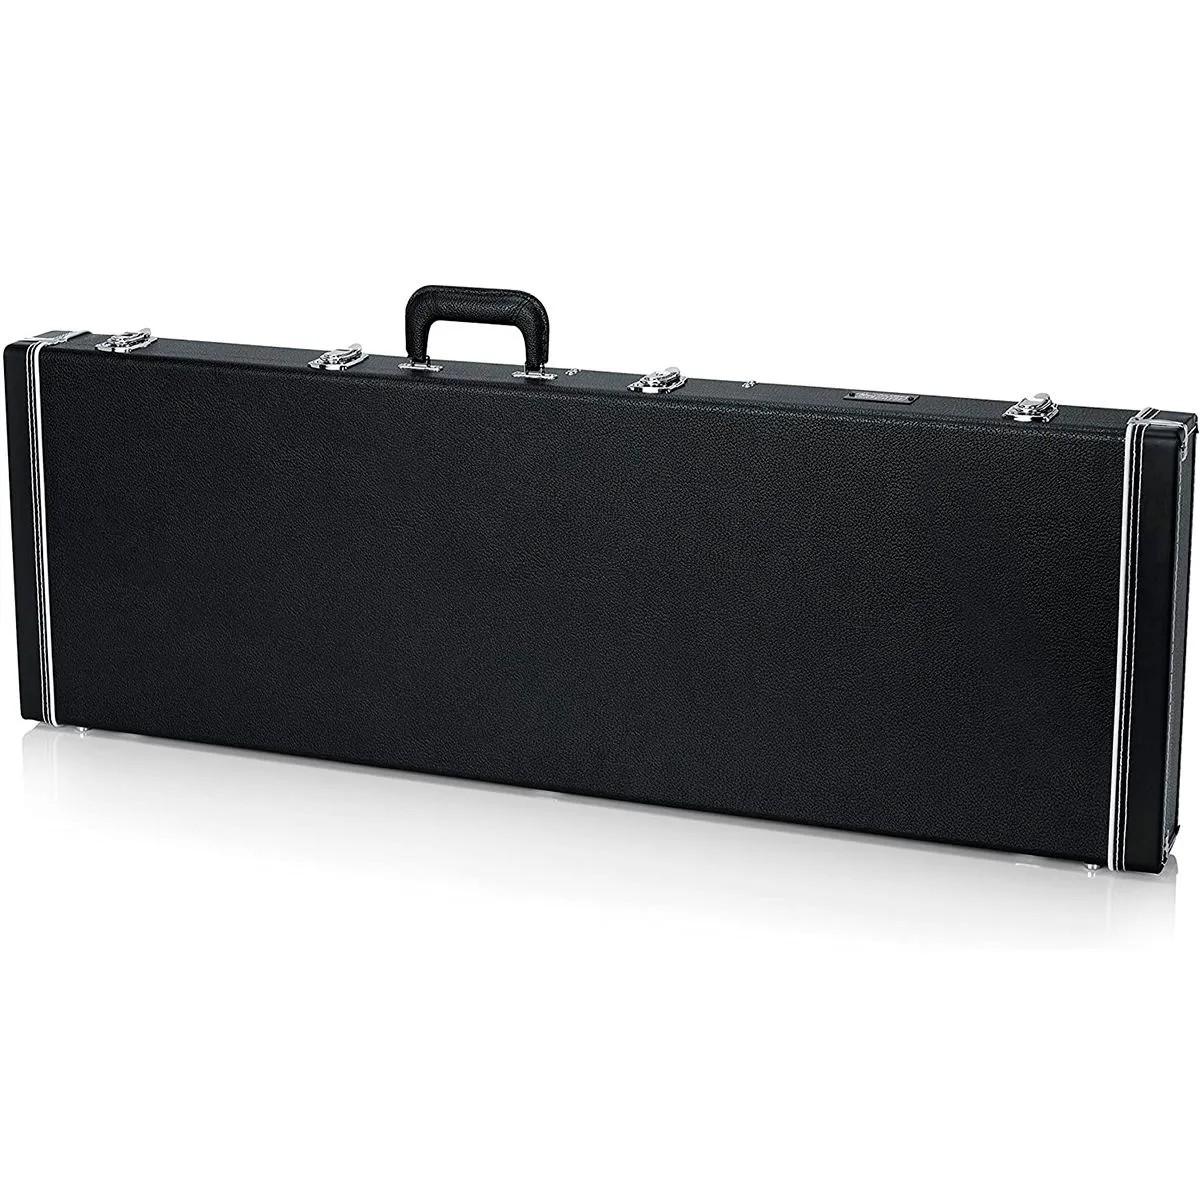 Case Gator em Madeira Gw-Bass para Contrabaixo